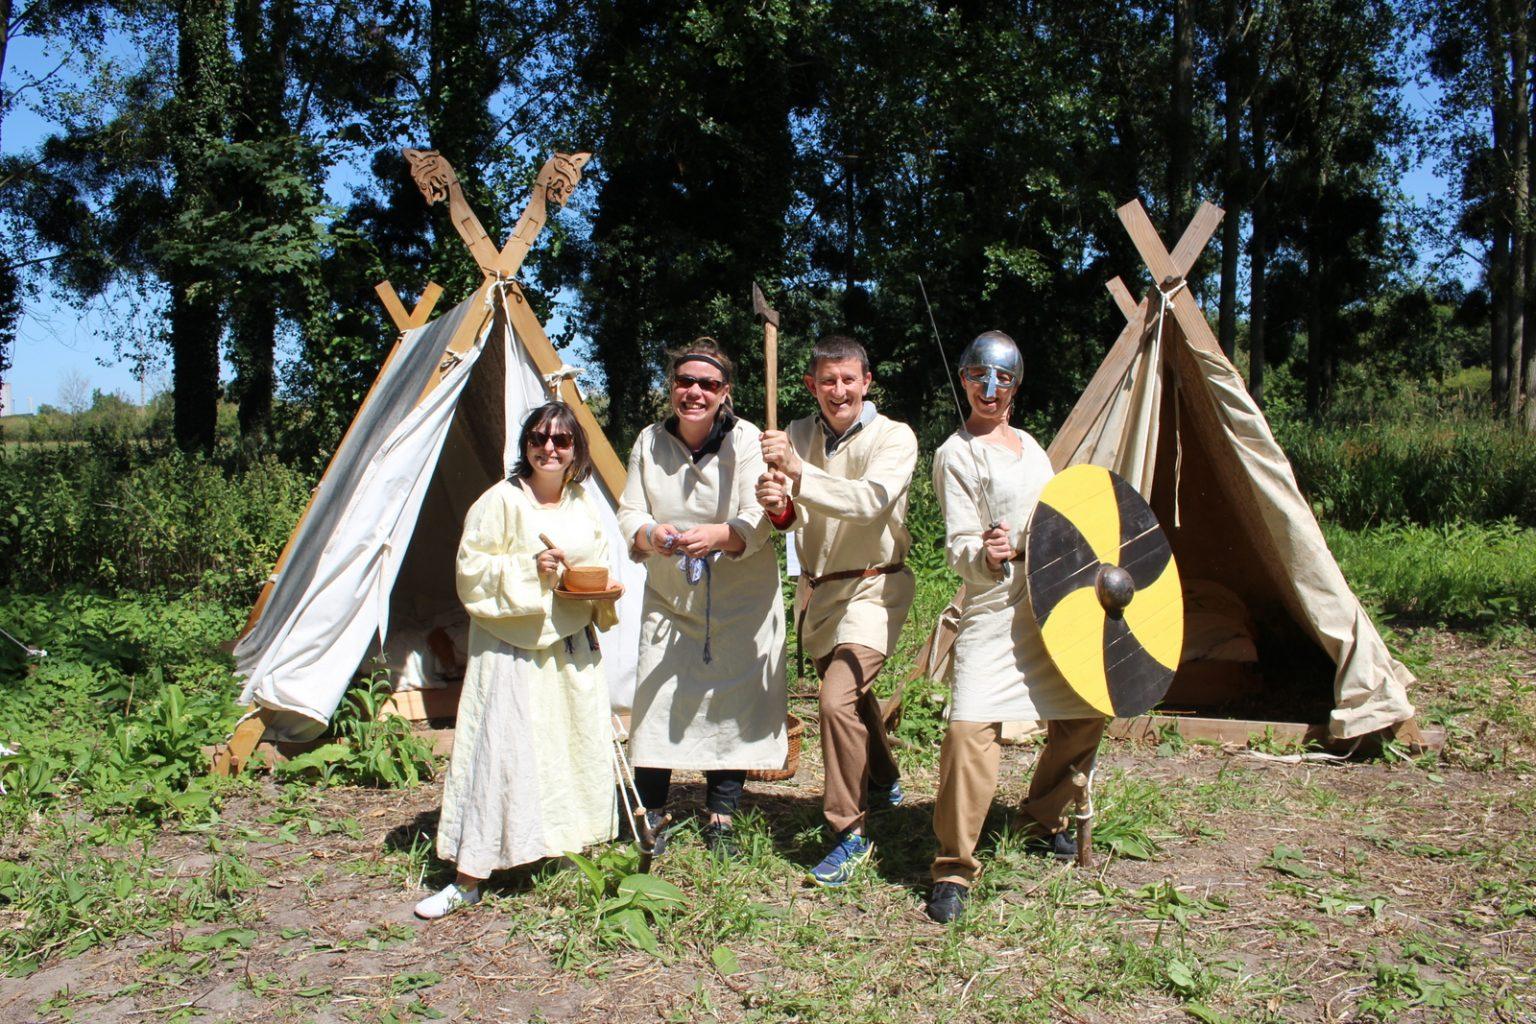 Vikings-team-building-cohesion-orne-normandie-drakkar-deguisement-relais